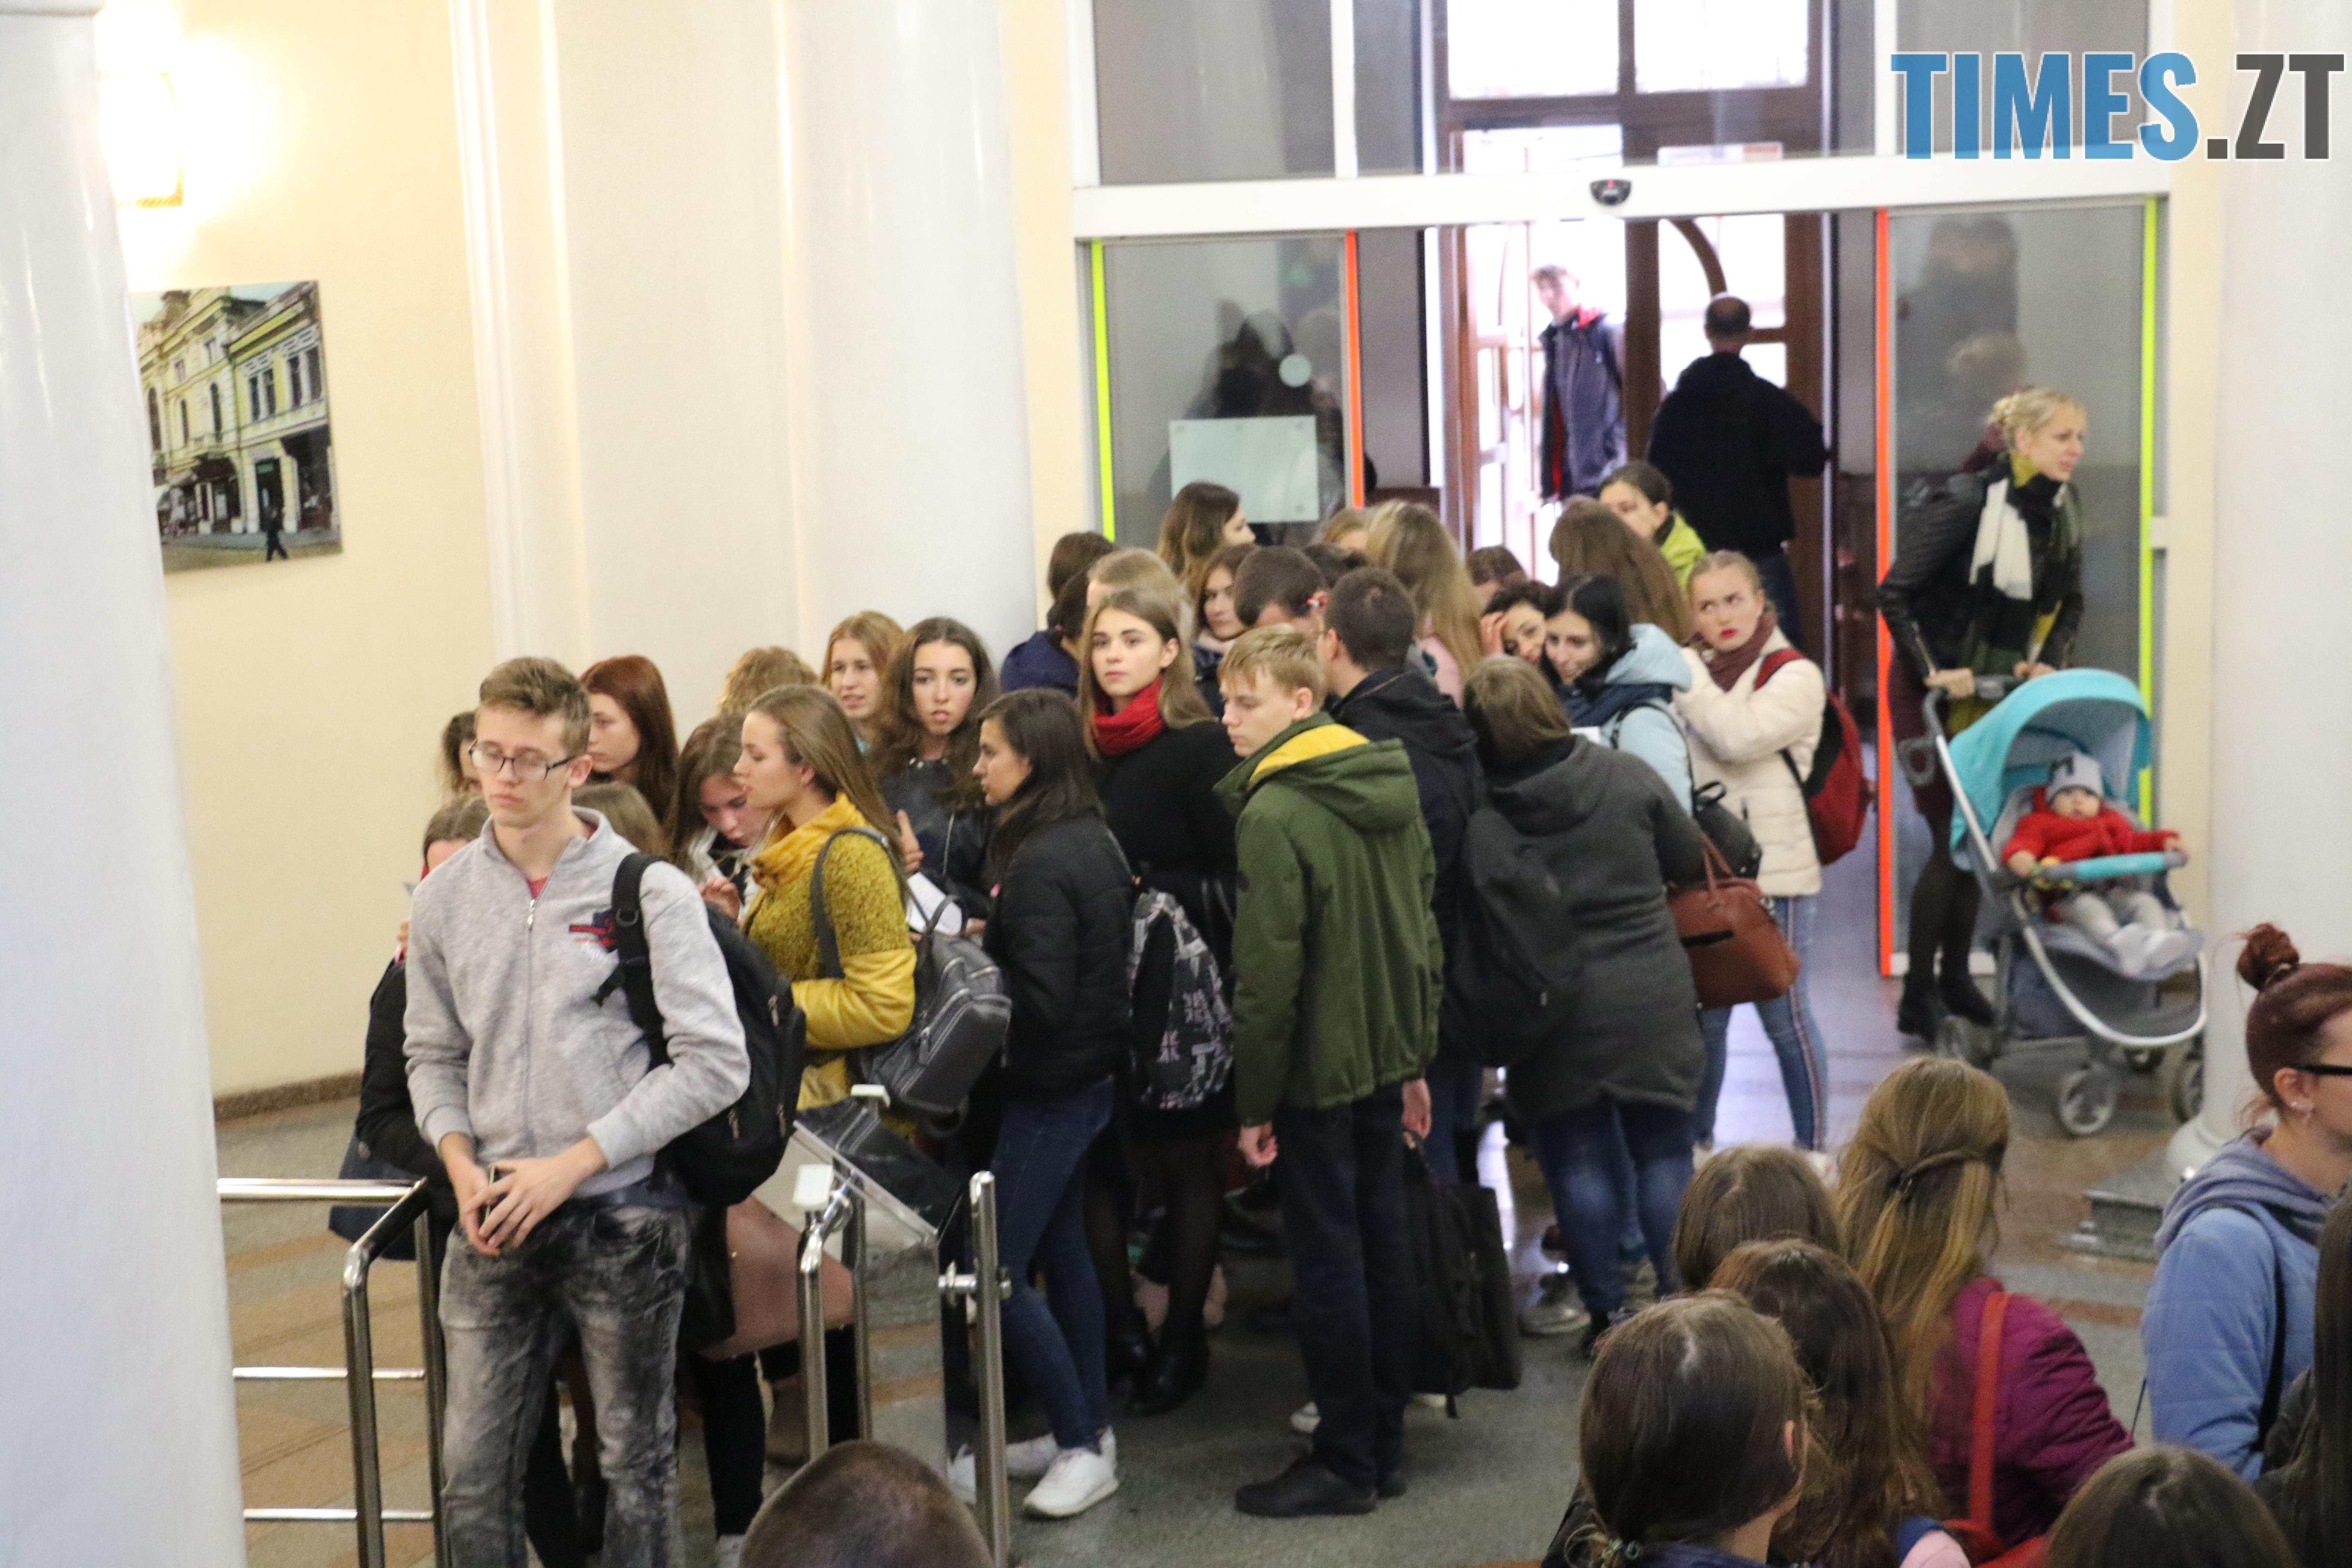 img1538572325 7 - Махінації на «Бюджеті участі»: у міській раді підозрюють, що студентів примусили голосувати за певні проекти (ФОТО)